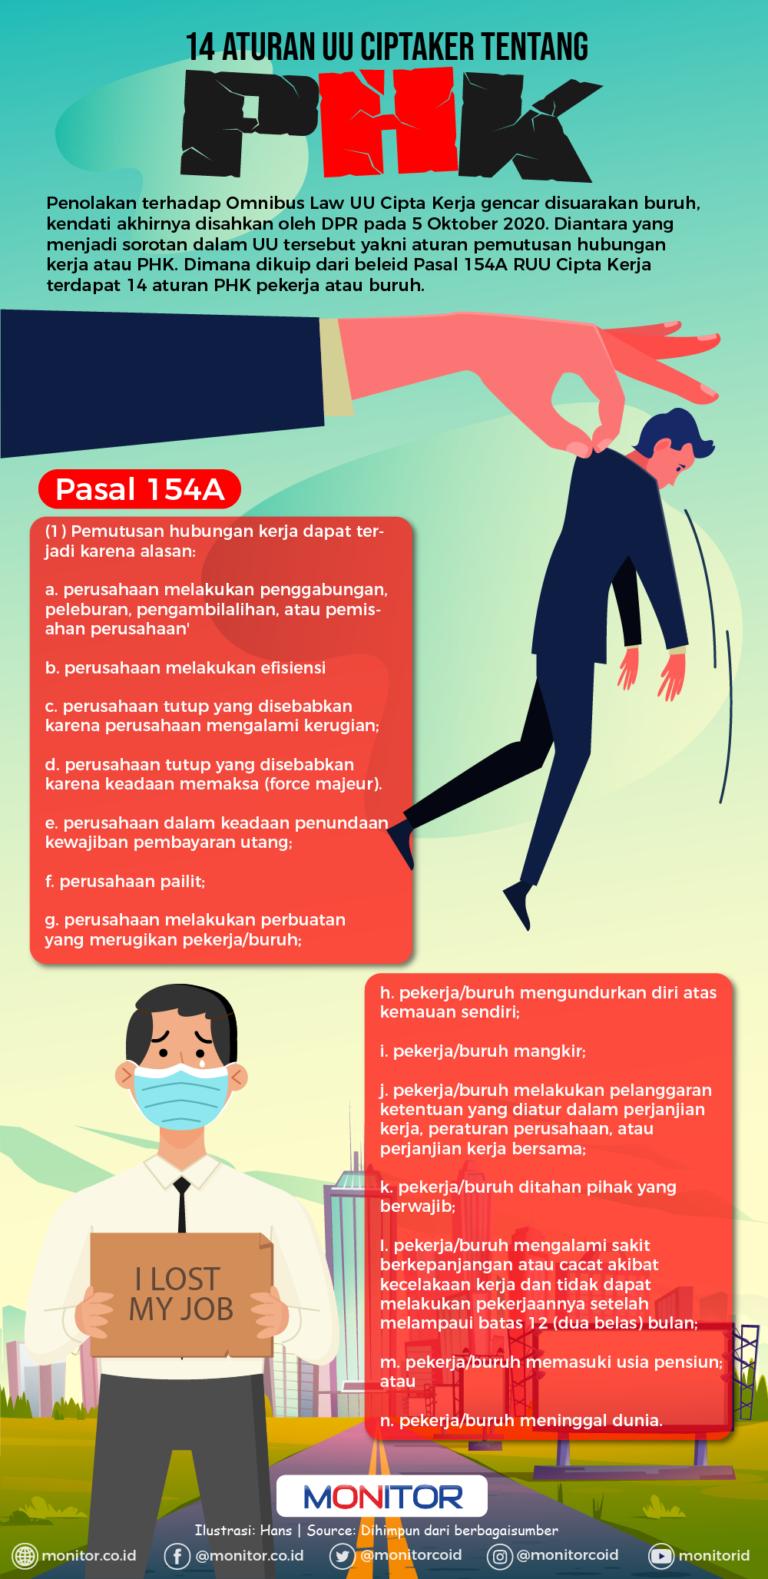 14 Aturan UU Cipta Kerja tentang PHK